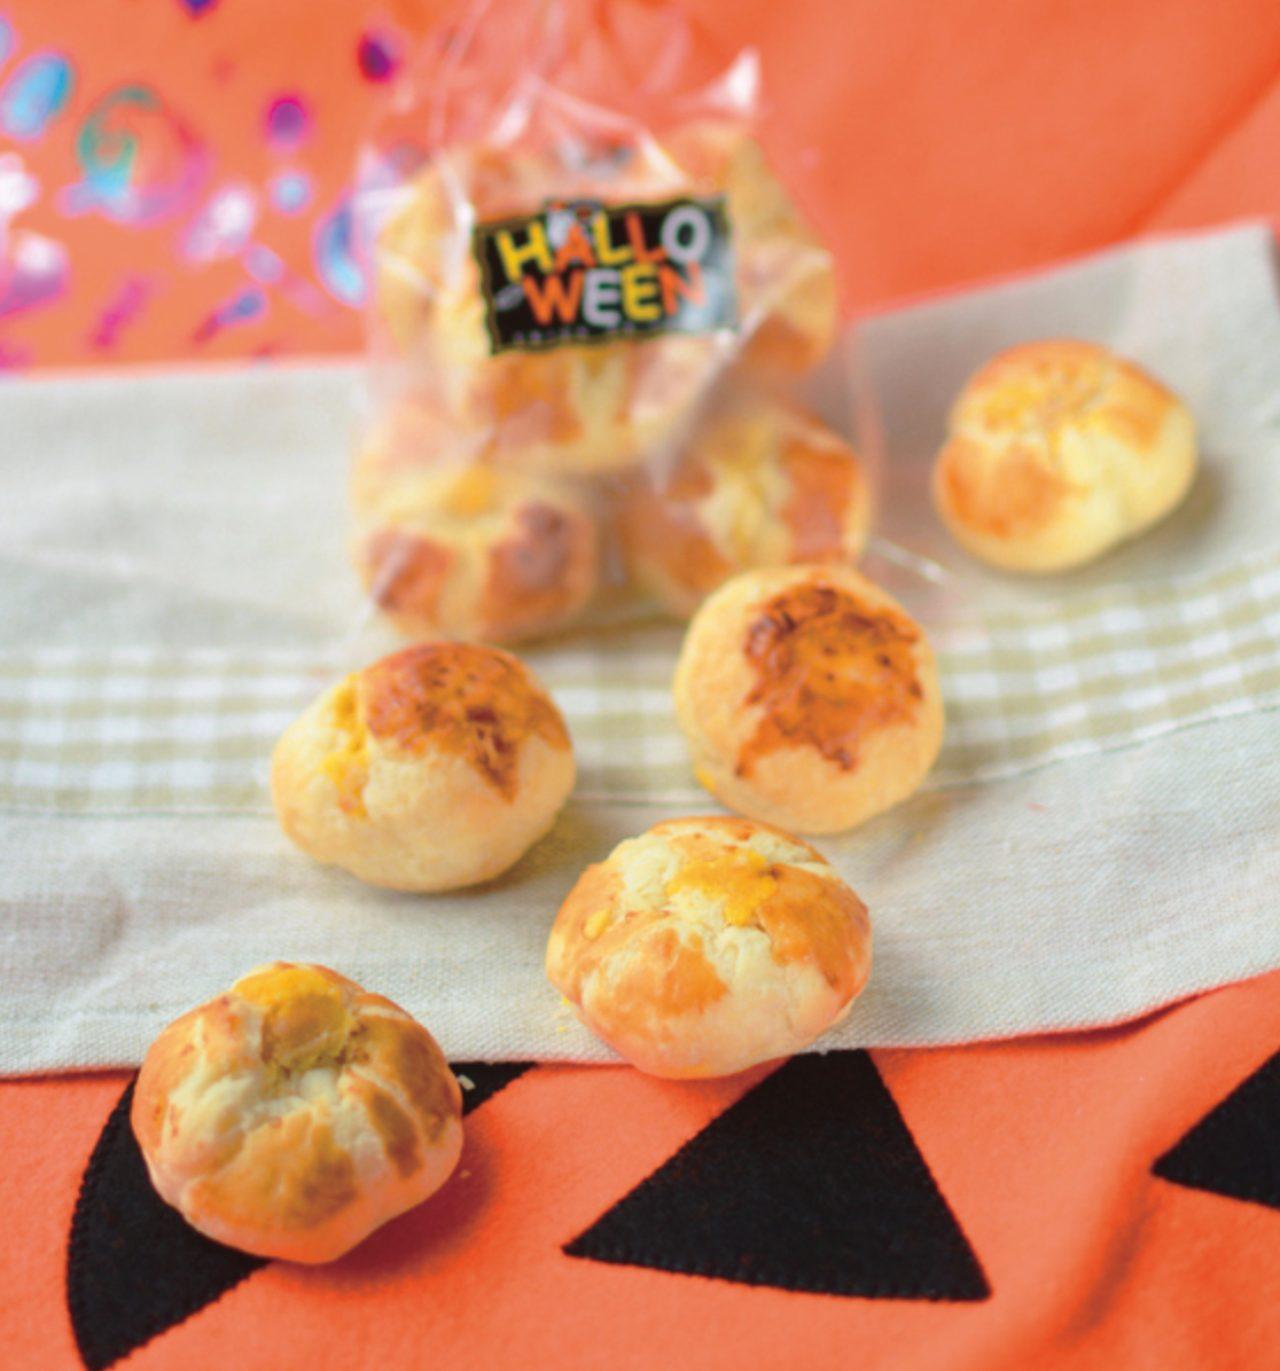 画像: <ジャック・オー・ランタンが騒ぎだす> しっとりパイの中には、たっぷりとはみ出すほどのかぼちゃ餡。まるでハロウィンにジャック・オー・ランタンが騒いでいるようなイメージです。北海道産かぼちゃを自社で蒸し上げ、ペーストにし、手間を惜しまずお作りした商品です。1袋5個入り。 価格:394円(税込)